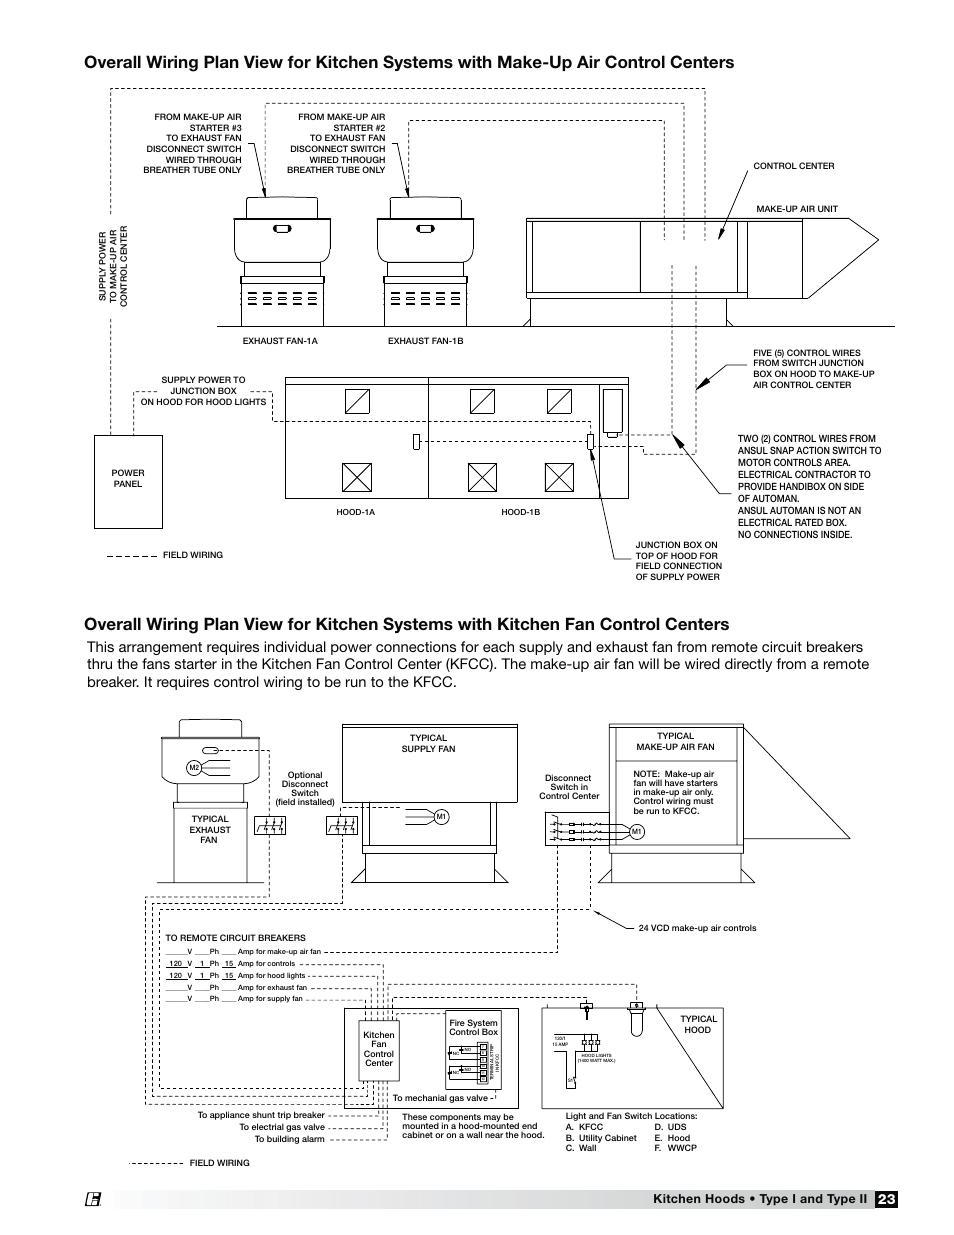 Greenheck Wiring Diagrams | Wiring Diagram on schematic kitchen diagram, schematic plumbing diagram, connection diagram, simple schematic diagram, refrigerator schematic diagram, logic diagram, block diagram, read schematics diagram, circuit diagram, alternator schematic diagram, schematic battery, amplifier schematic diagram, schematic control diagram,